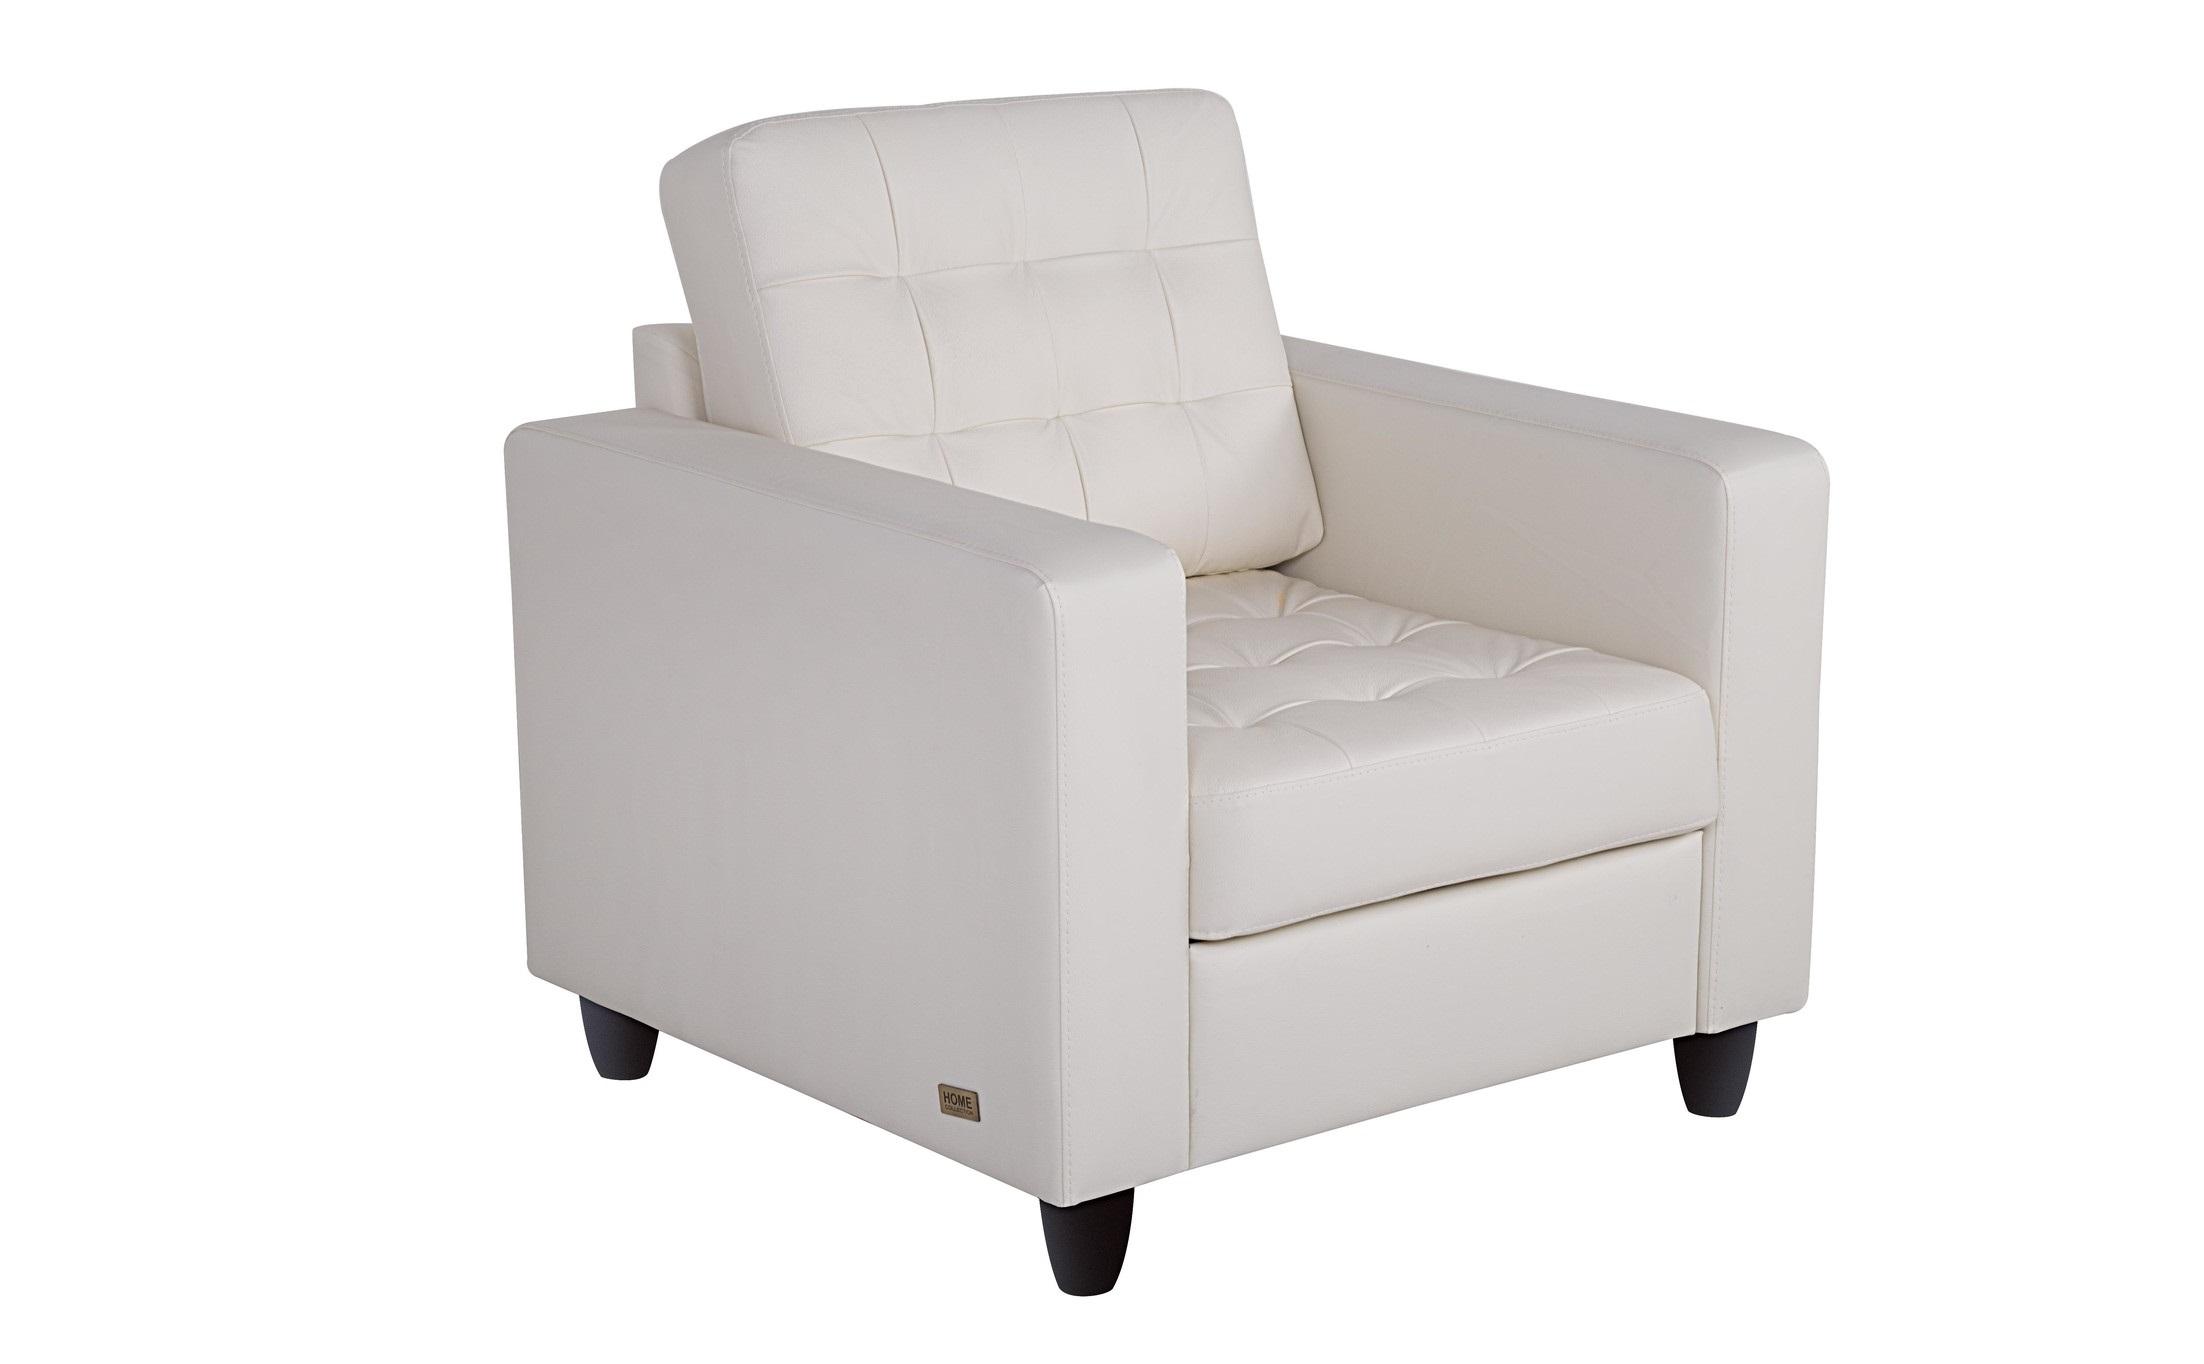 Кресло КамелотКожаные кресла<br>&amp;lt;div&amp;gt;Строгий силуэт и лаконичность линий — вот отличительные особенности кресла «Камелот».&amp;amp;nbsp;&amp;lt;/div&amp;gt;&amp;lt;div&amp;gt;Великолепные свойства кожи - прочность и долговечность - позволяют сохранить первоначальный вид мебели в течение длительного срока.Натуральная кожа madras snow.&amp;amp;nbsp;&amp;lt;/div&amp;gt;<br><br>Material: Кожа<br>Width см: 100<br>Depth см: 85<br>Height см: 75